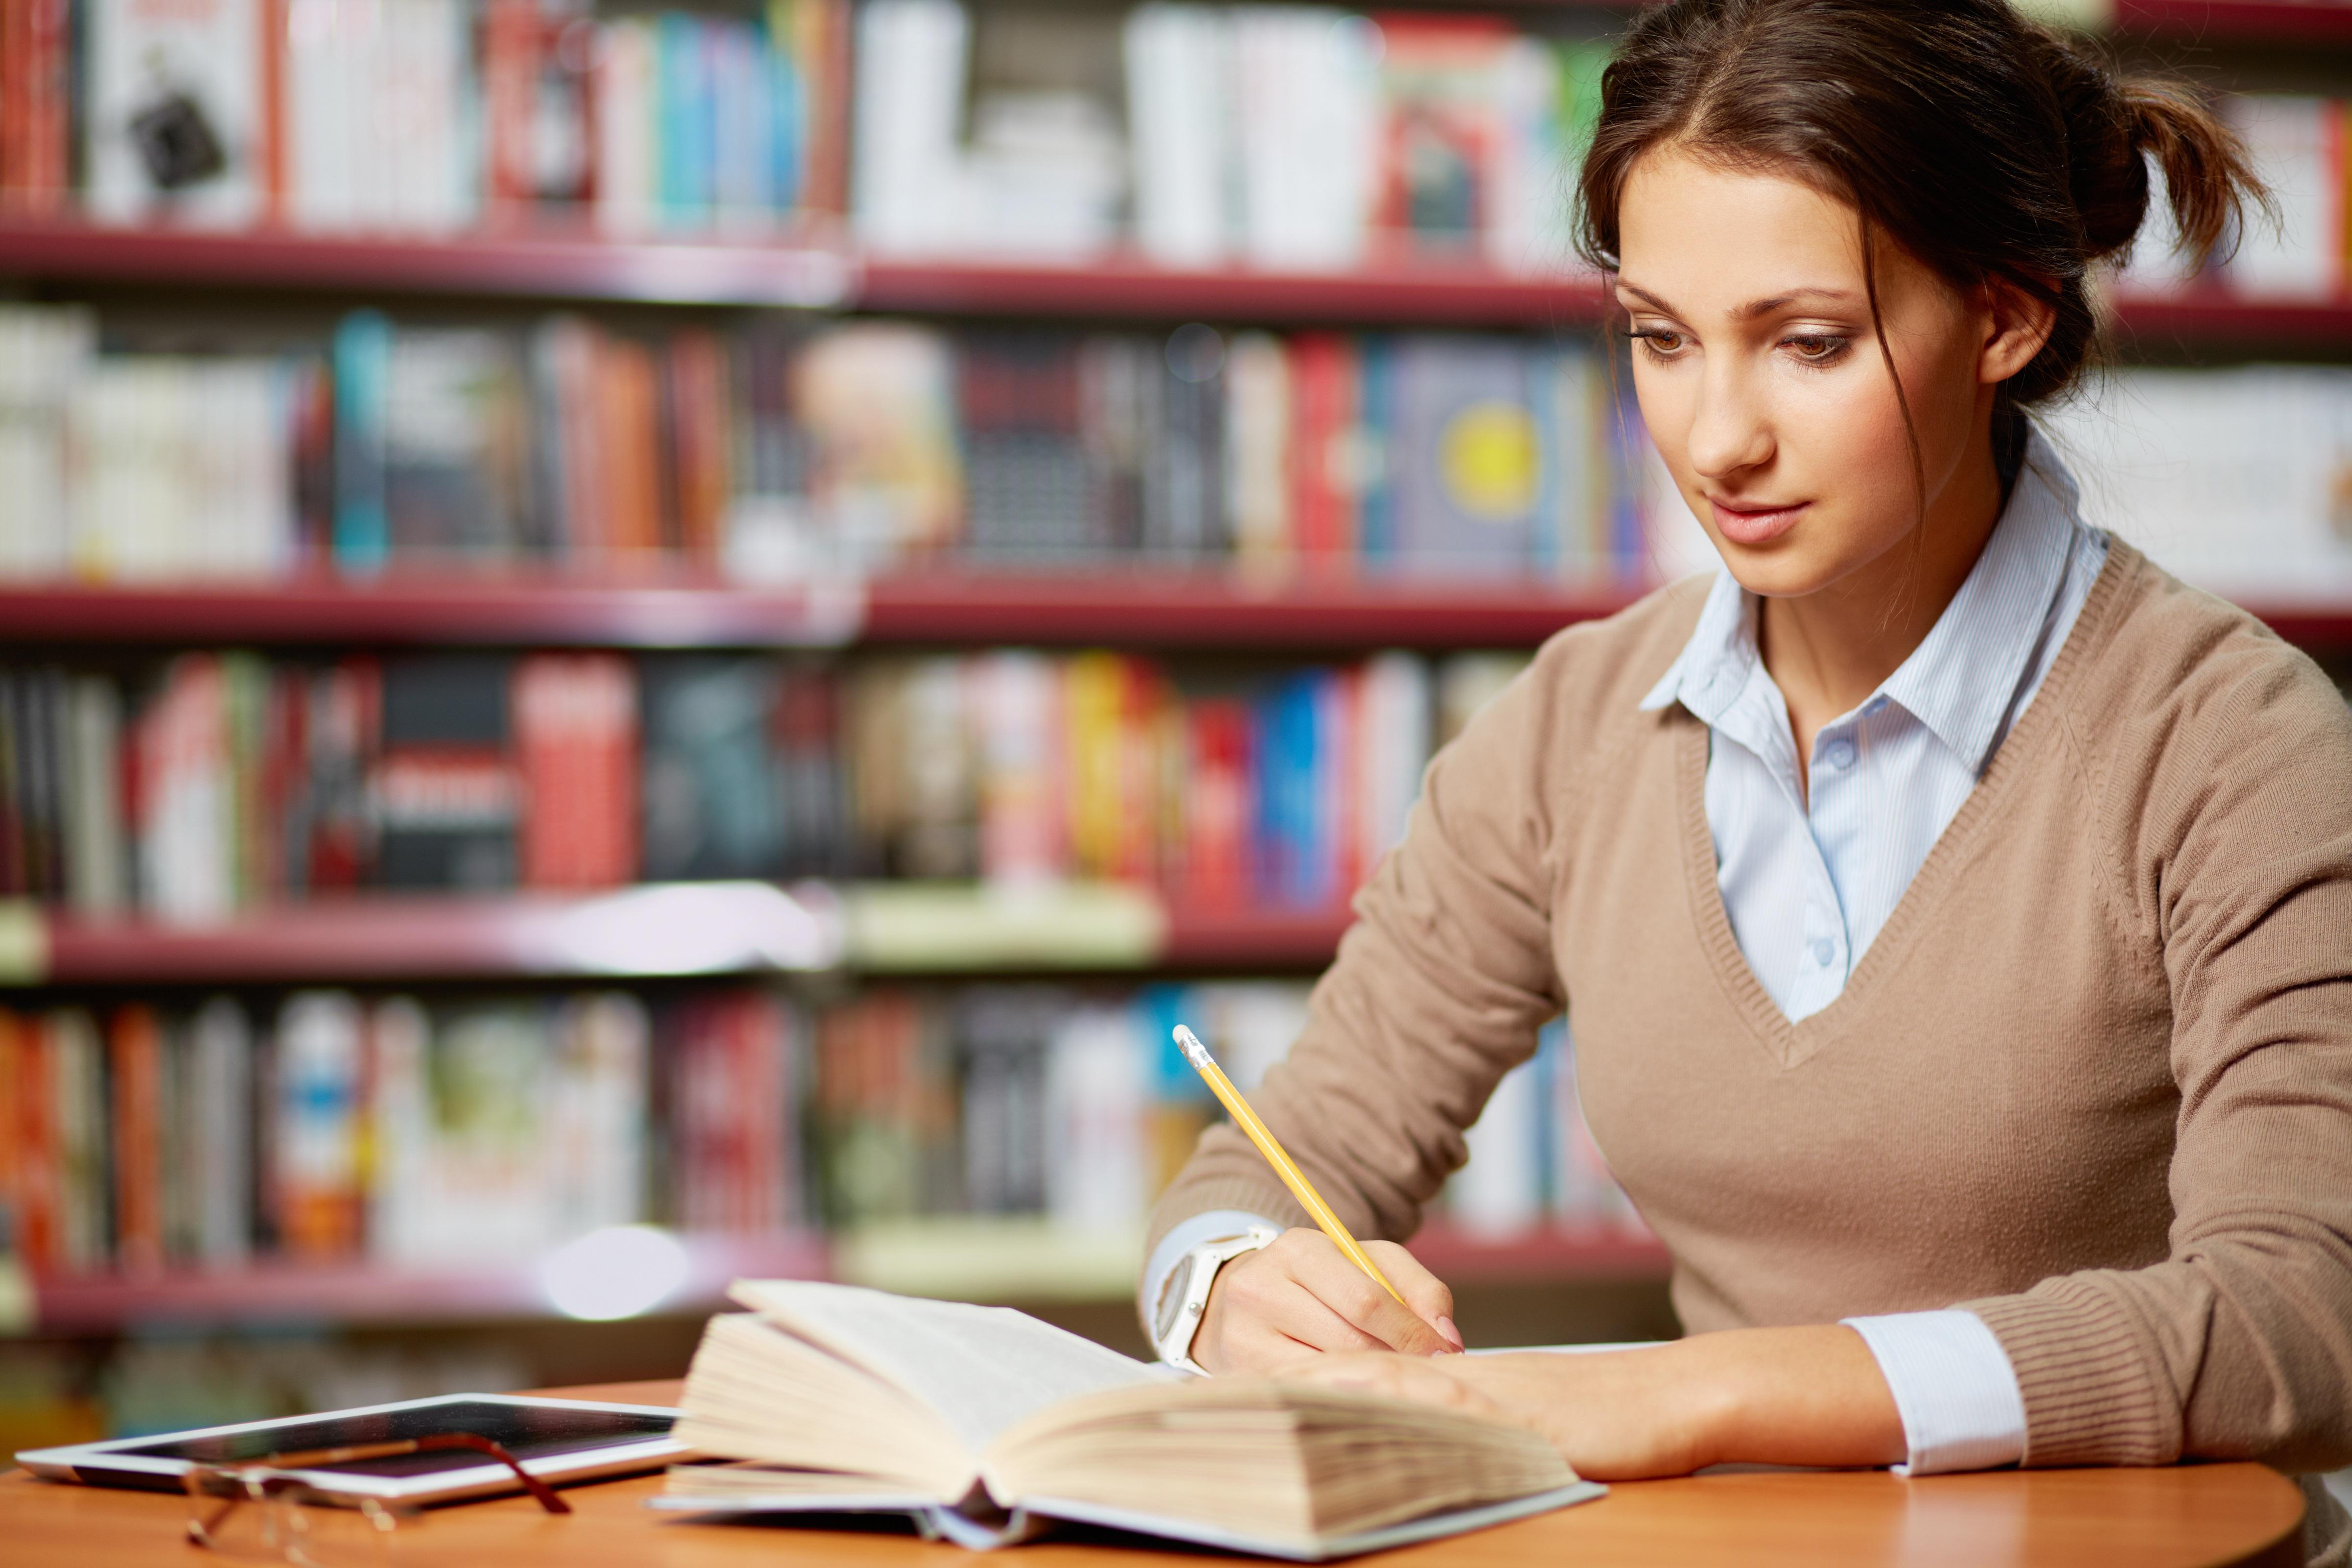 勉強をしている女性の写真